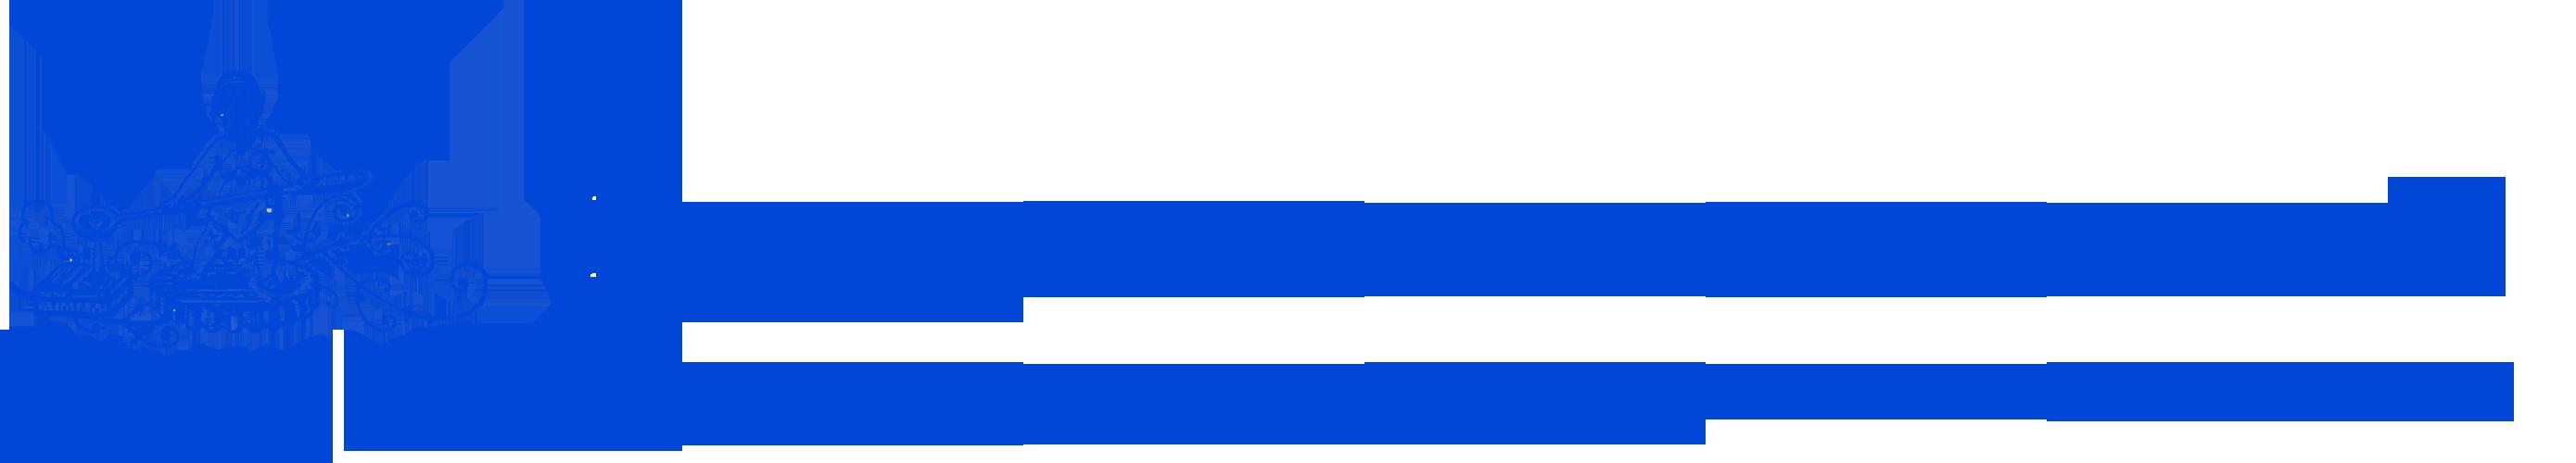 Эксклюзив-М